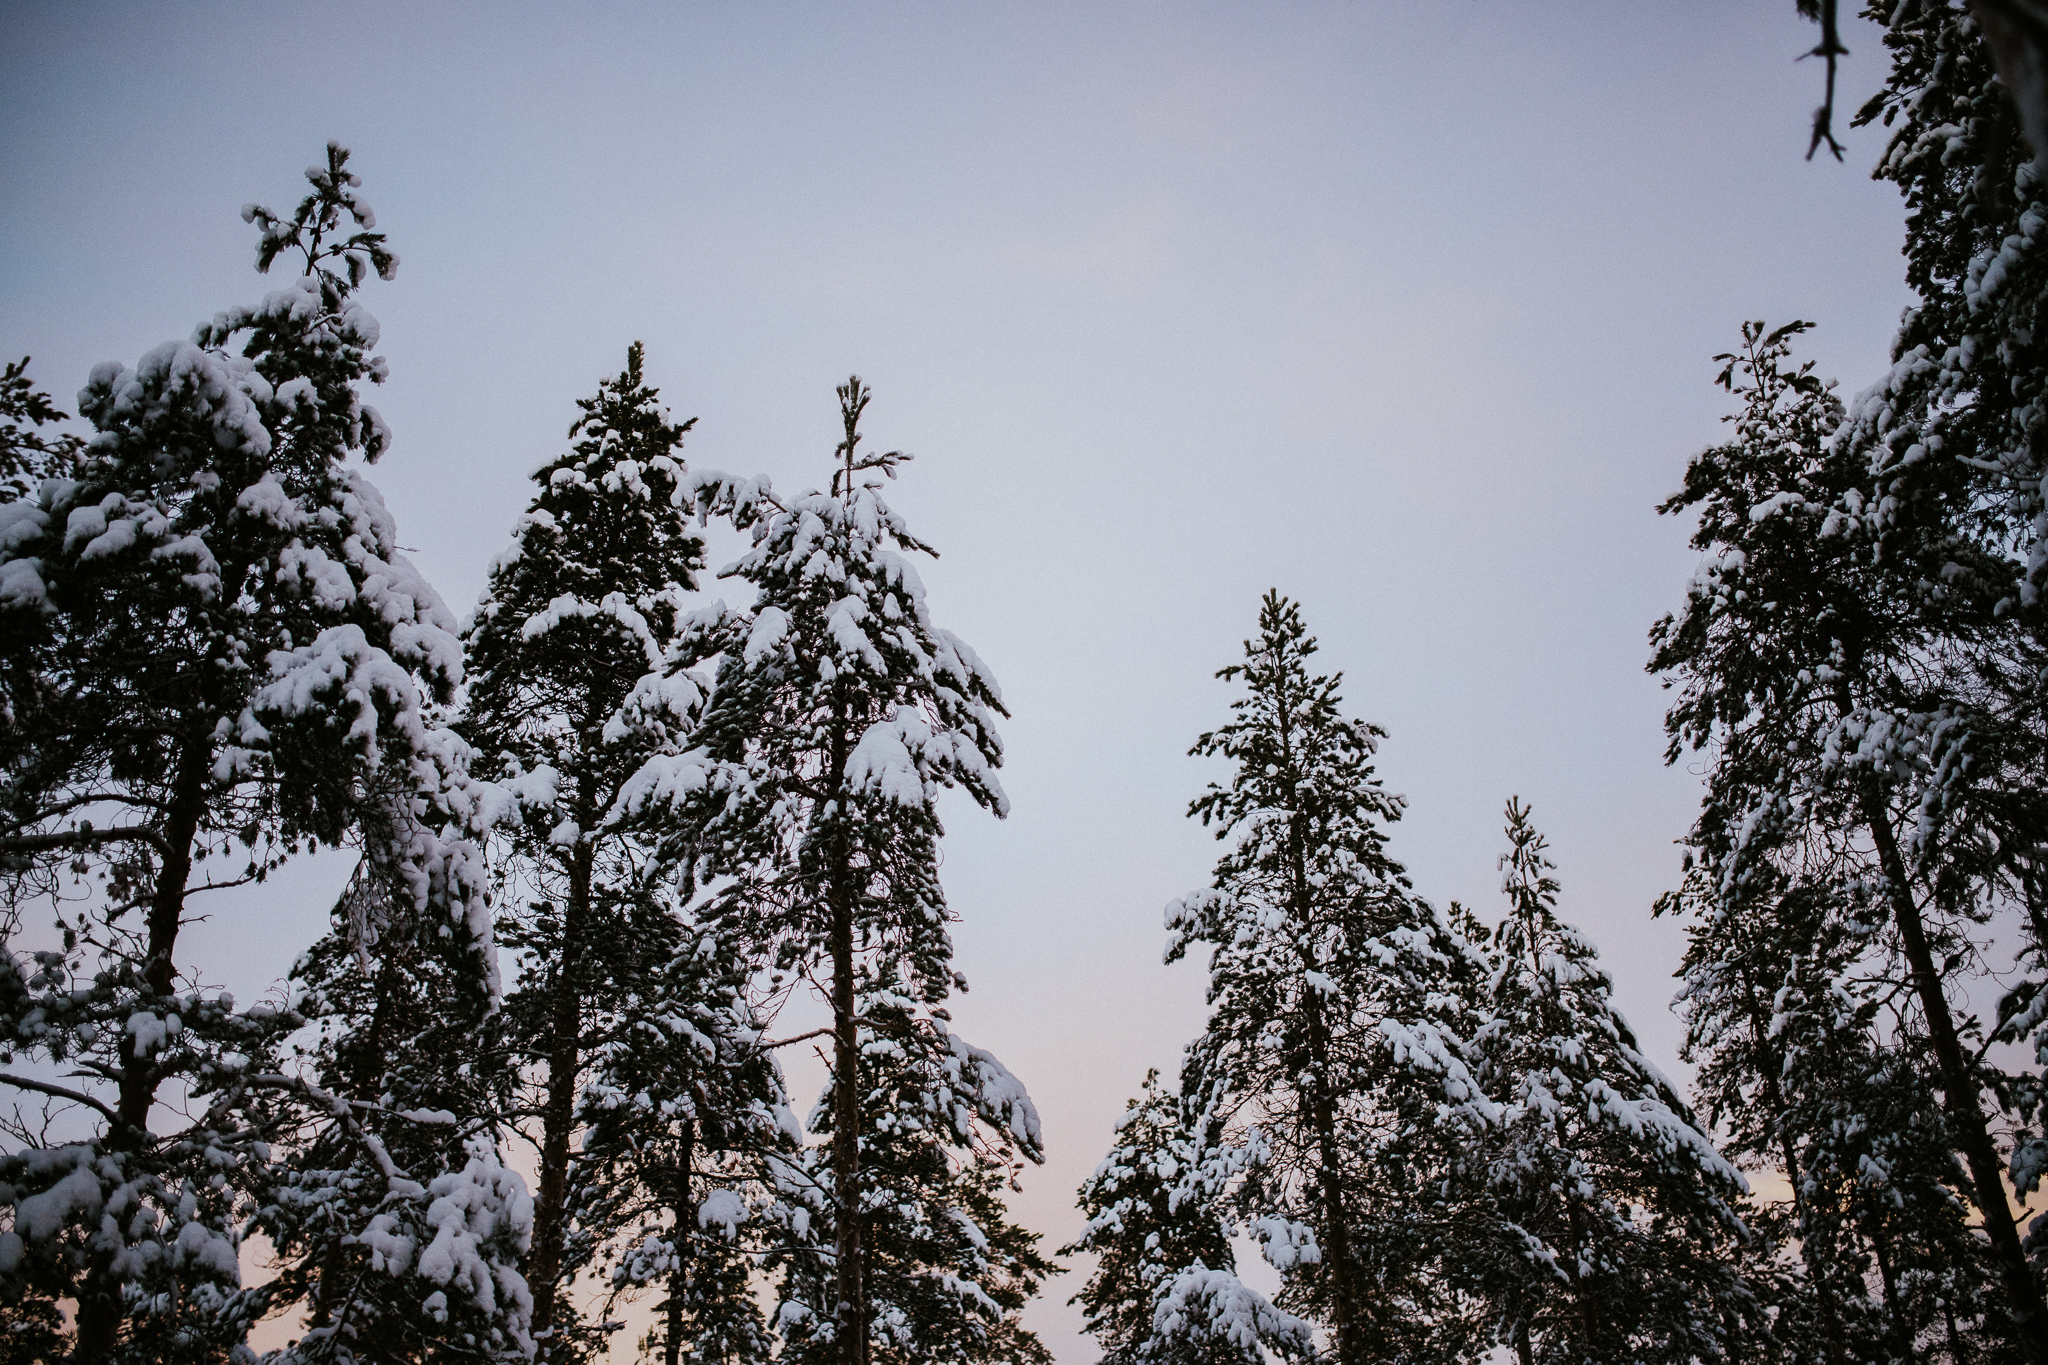 January Winter Photos-13.jpg